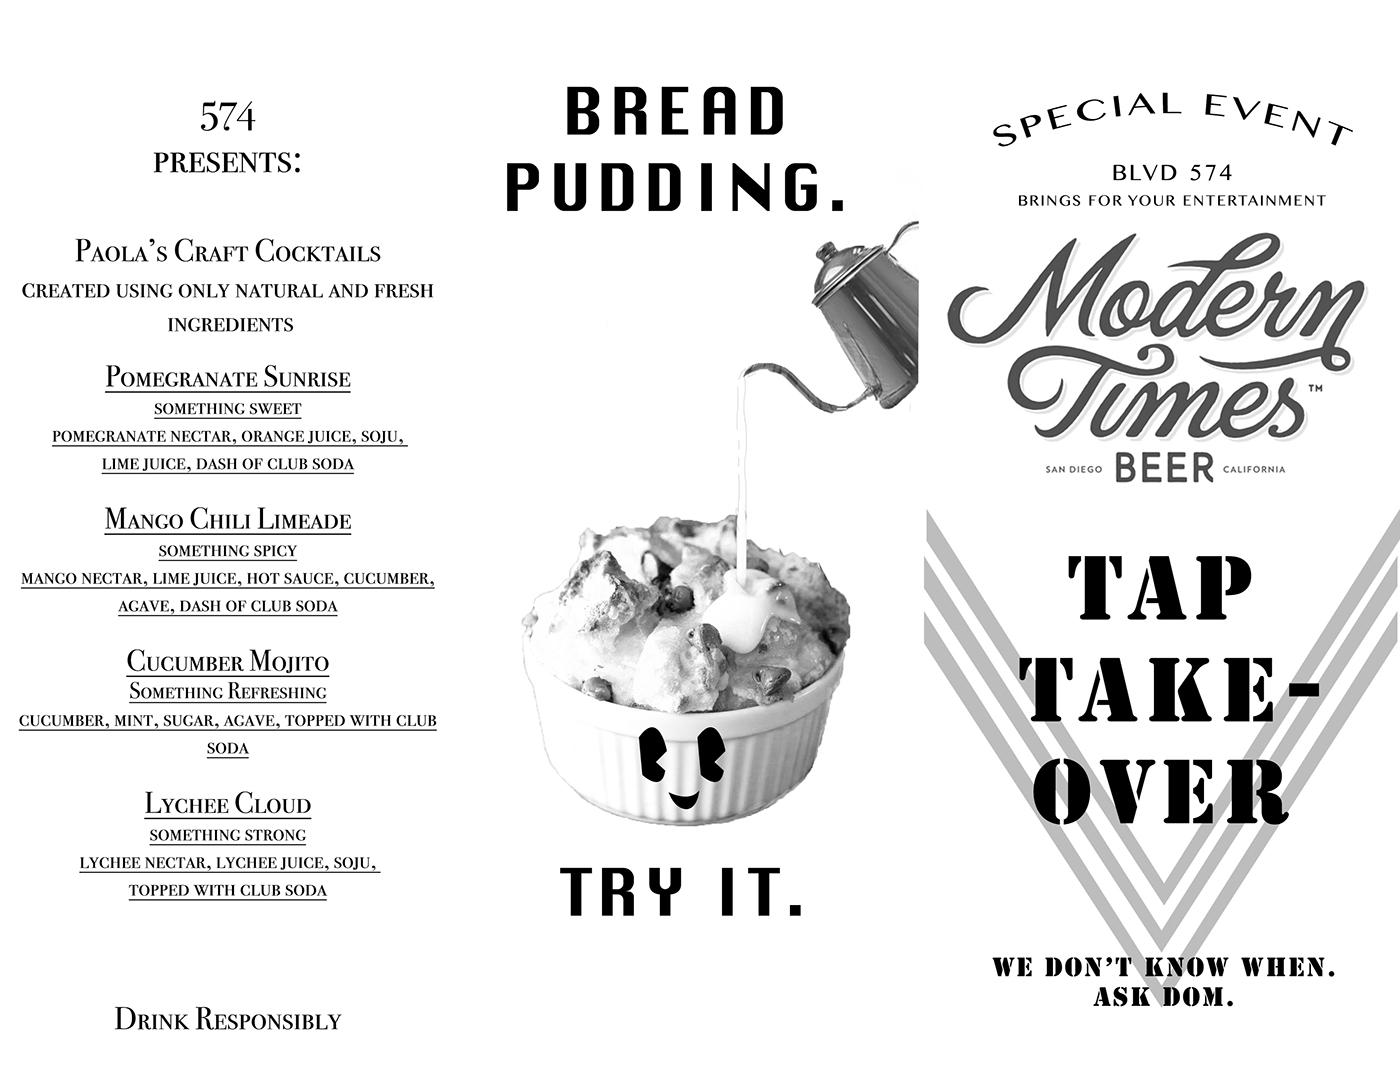 graphic design  restaurant menu freelance work black and white CREATIVE FIELDS